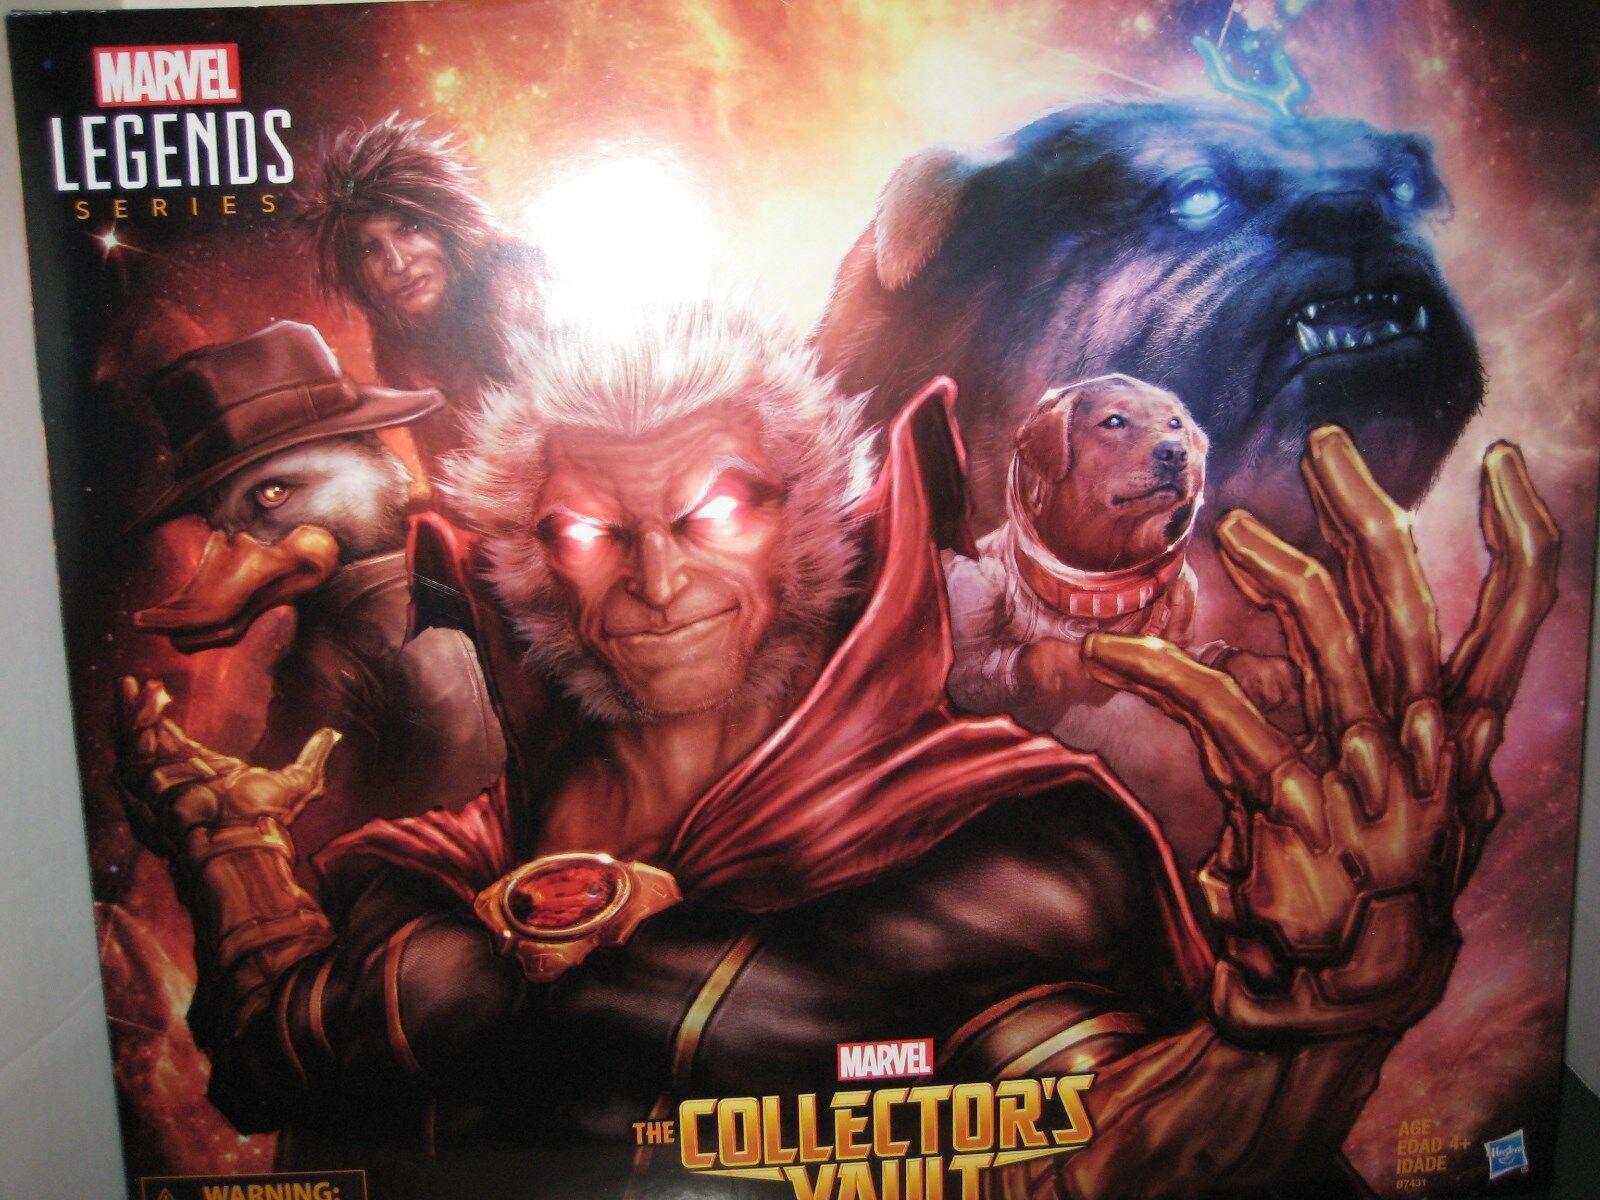 2016 bd escroc Marvel legends série THE COLLECTOR'S VAULT Set